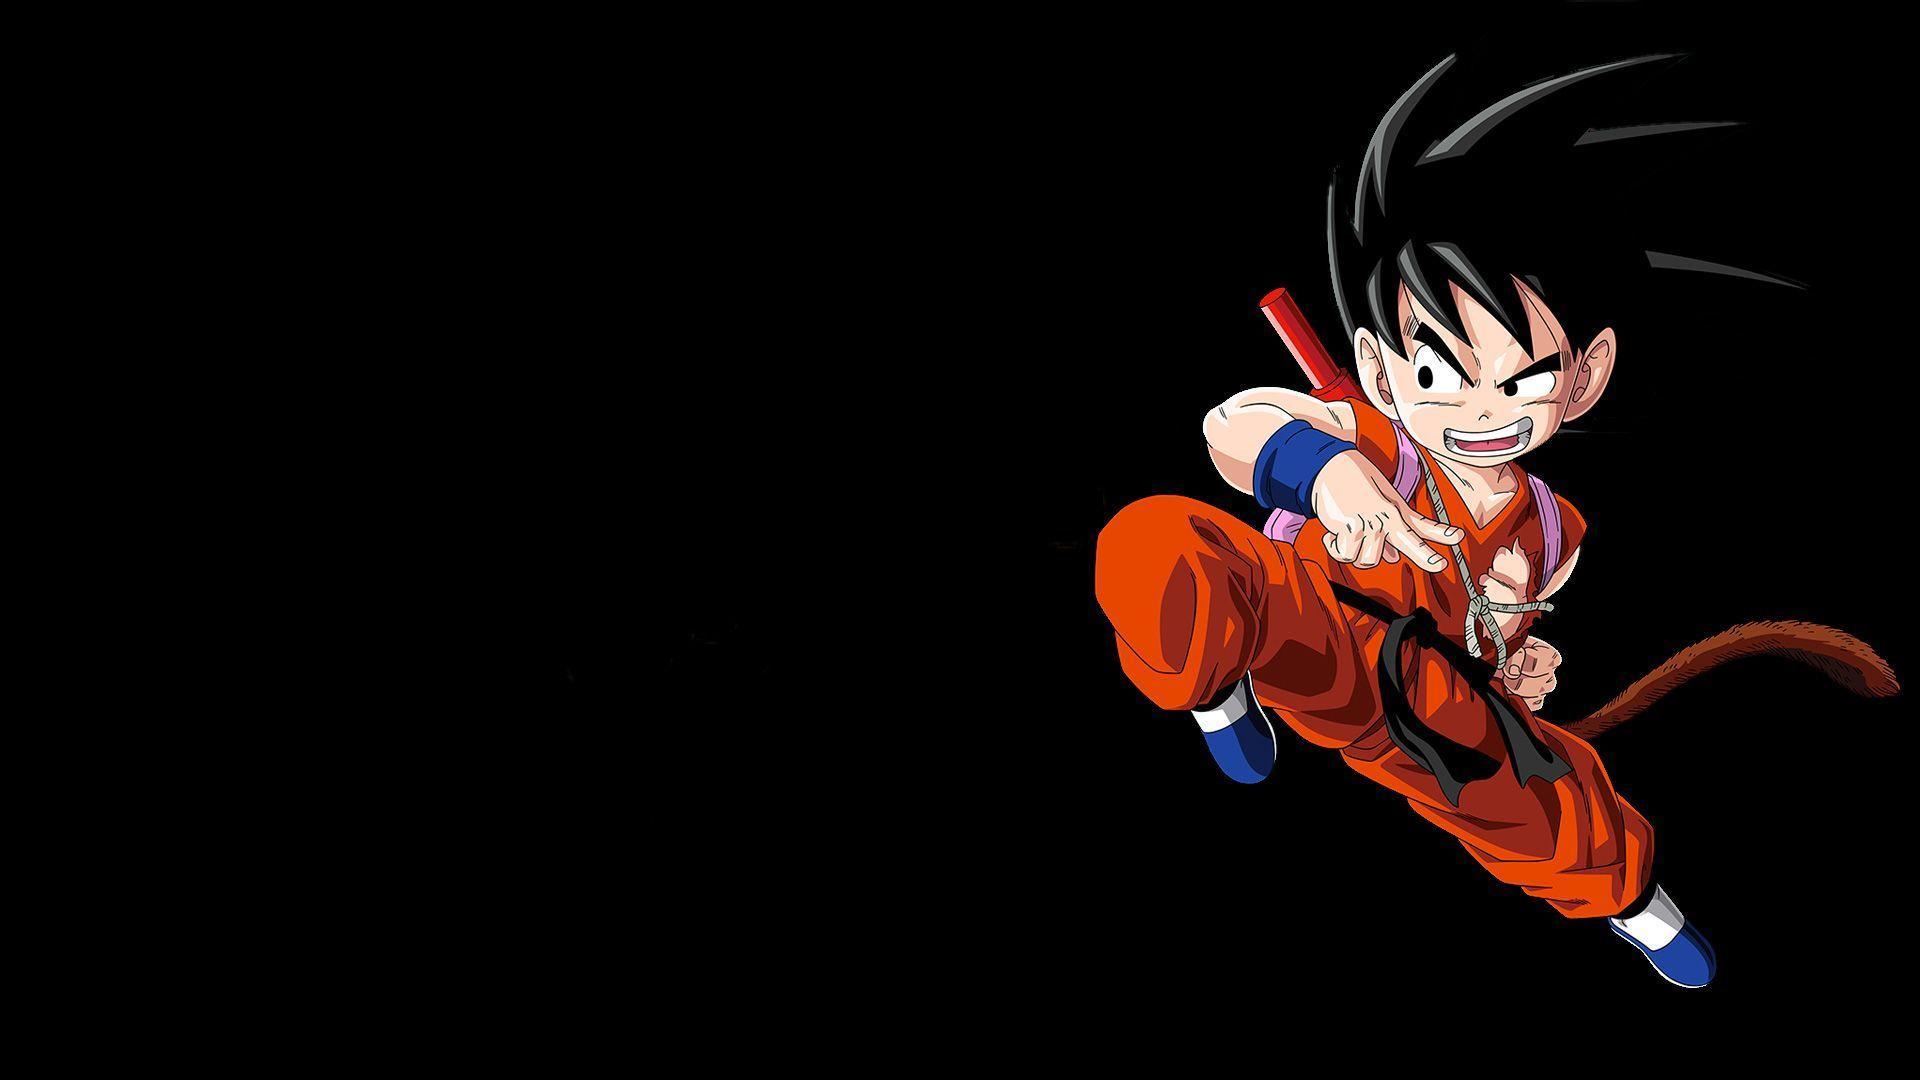 Dragon Ball Goku Wallpapers Top Free Dragon Ball Goku